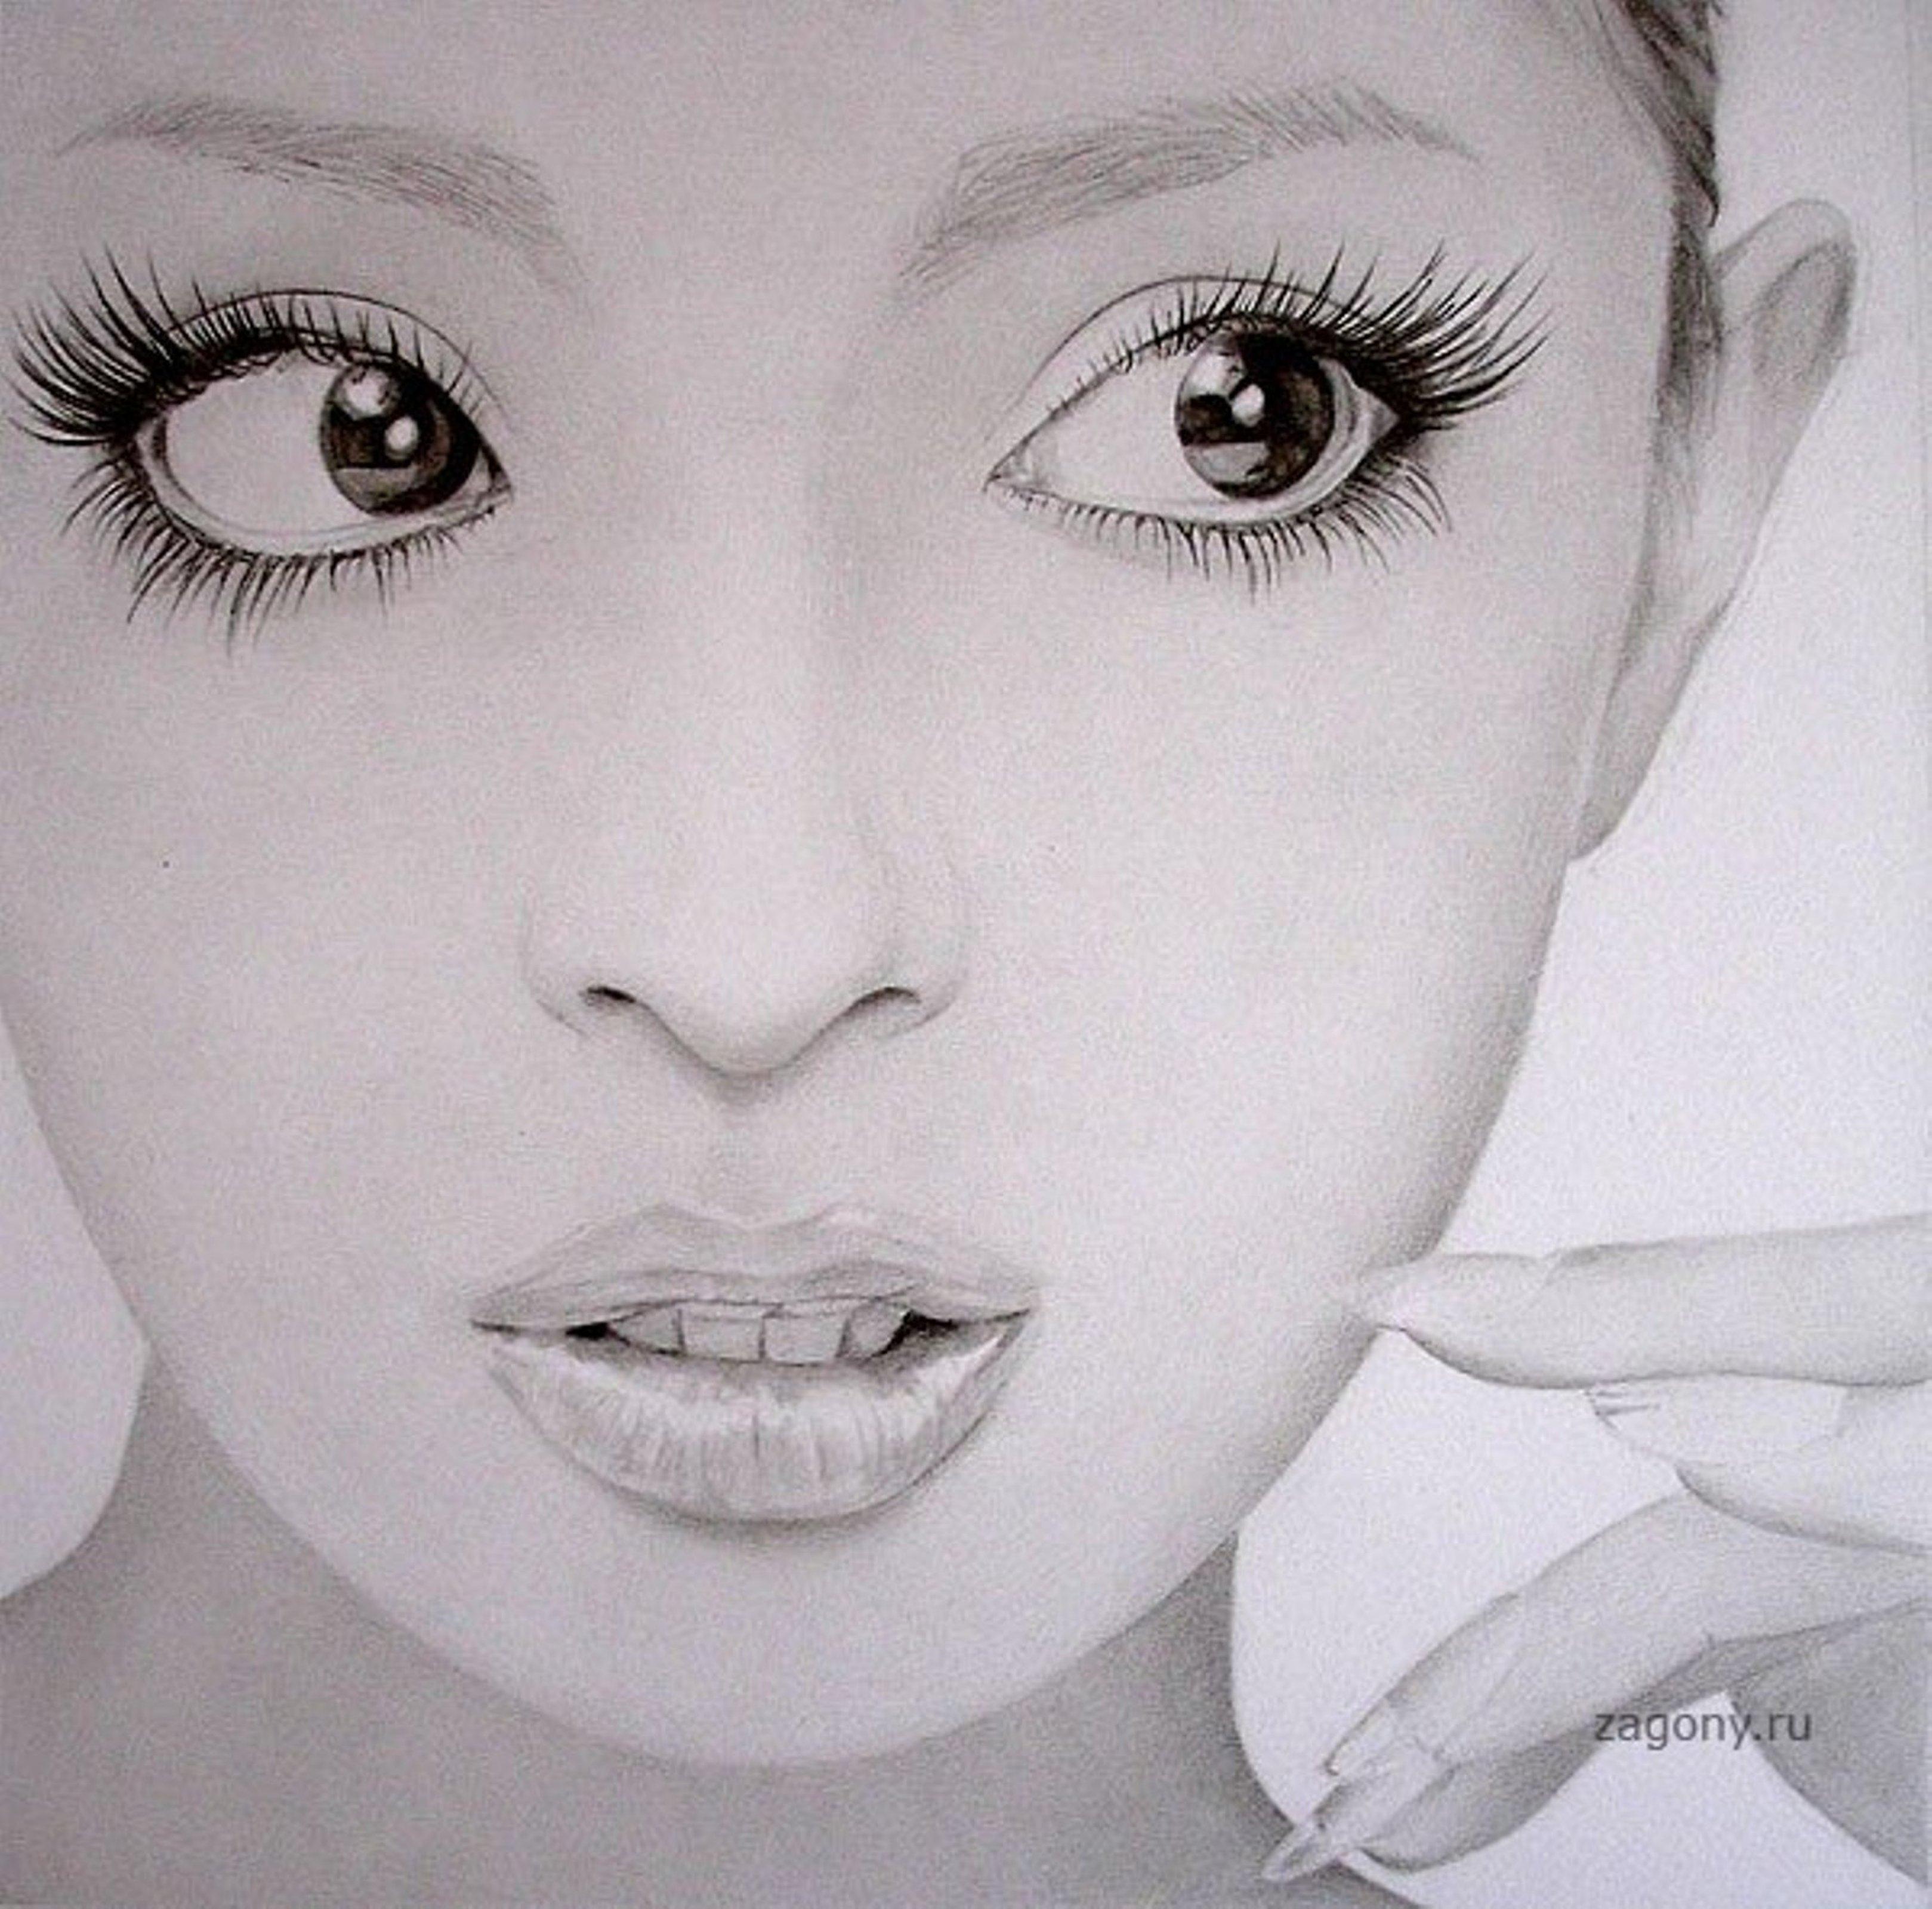 Рисунки карандашем - Девушки востока (28 фото). редактировано4 ноября